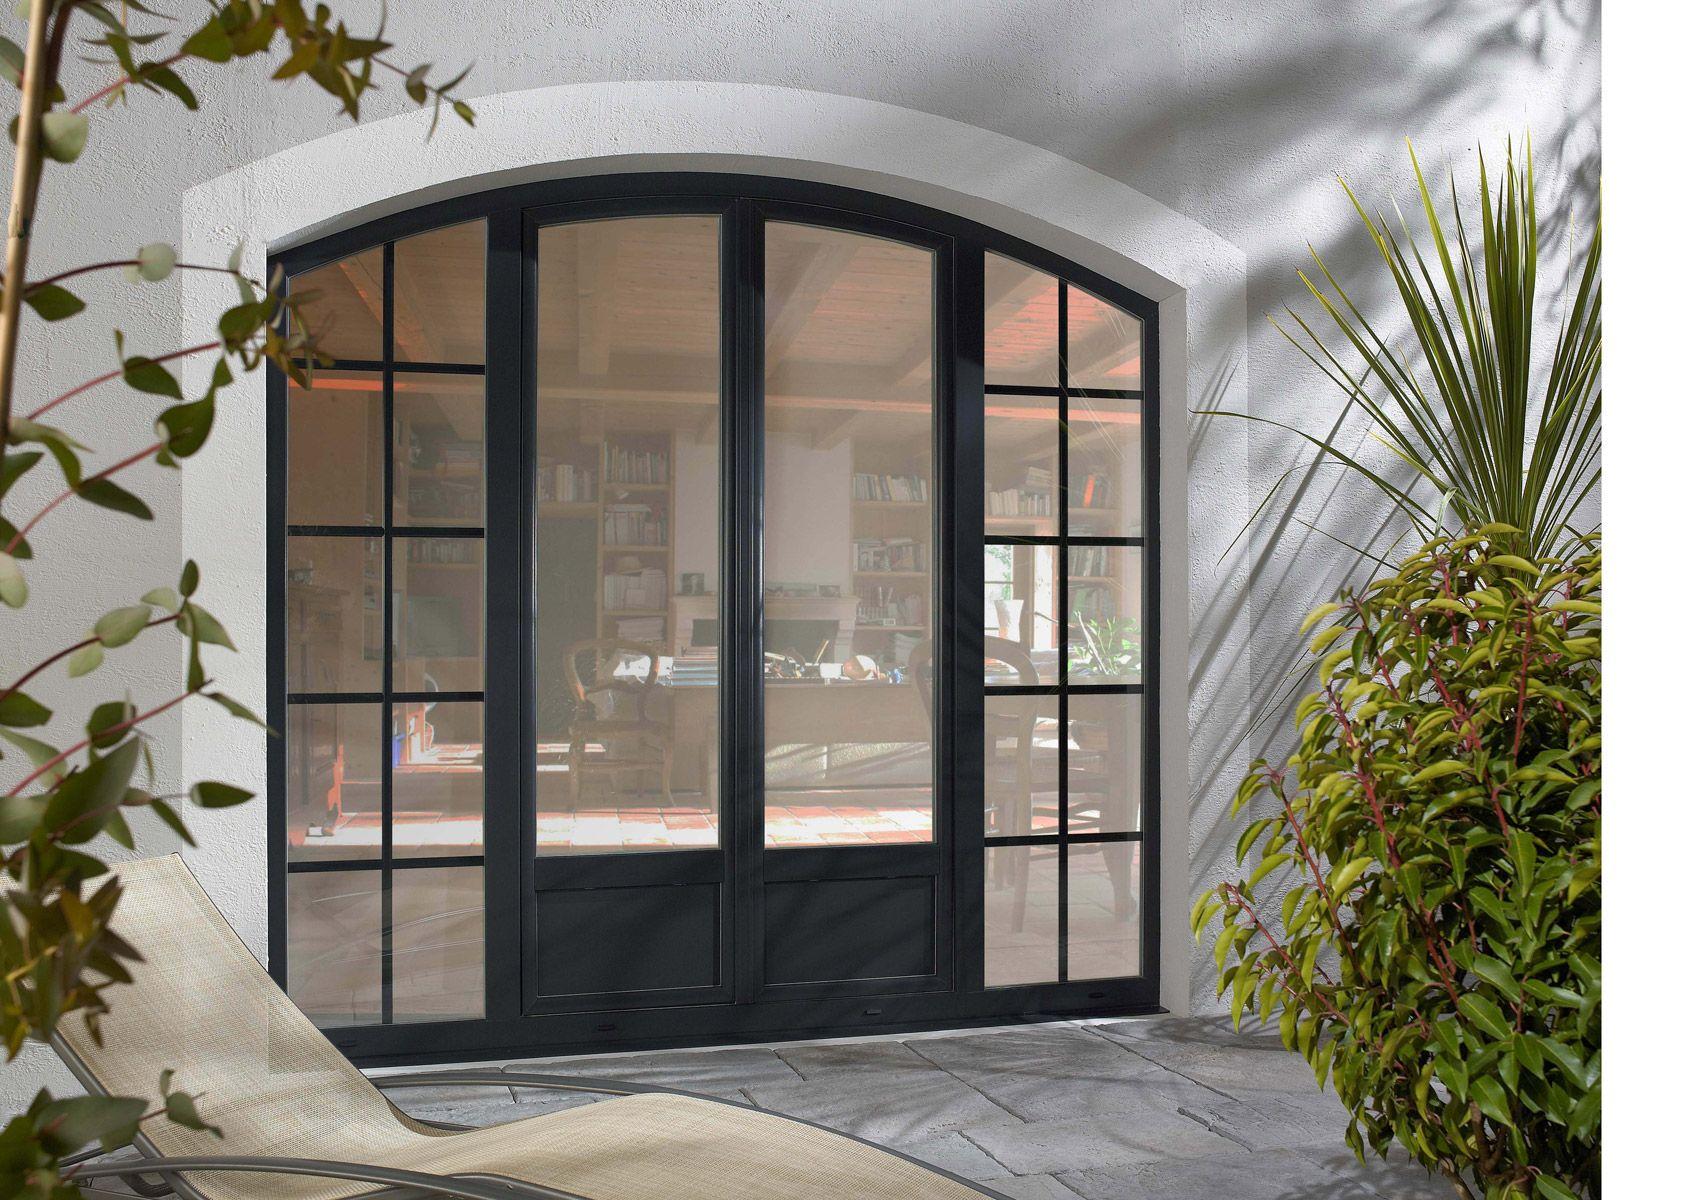 Menuiserie PVC Haut De Gamme CR MaisonDéco Pinterest - Porte placard coulissante jumelé avec ouvrir une porte blindée